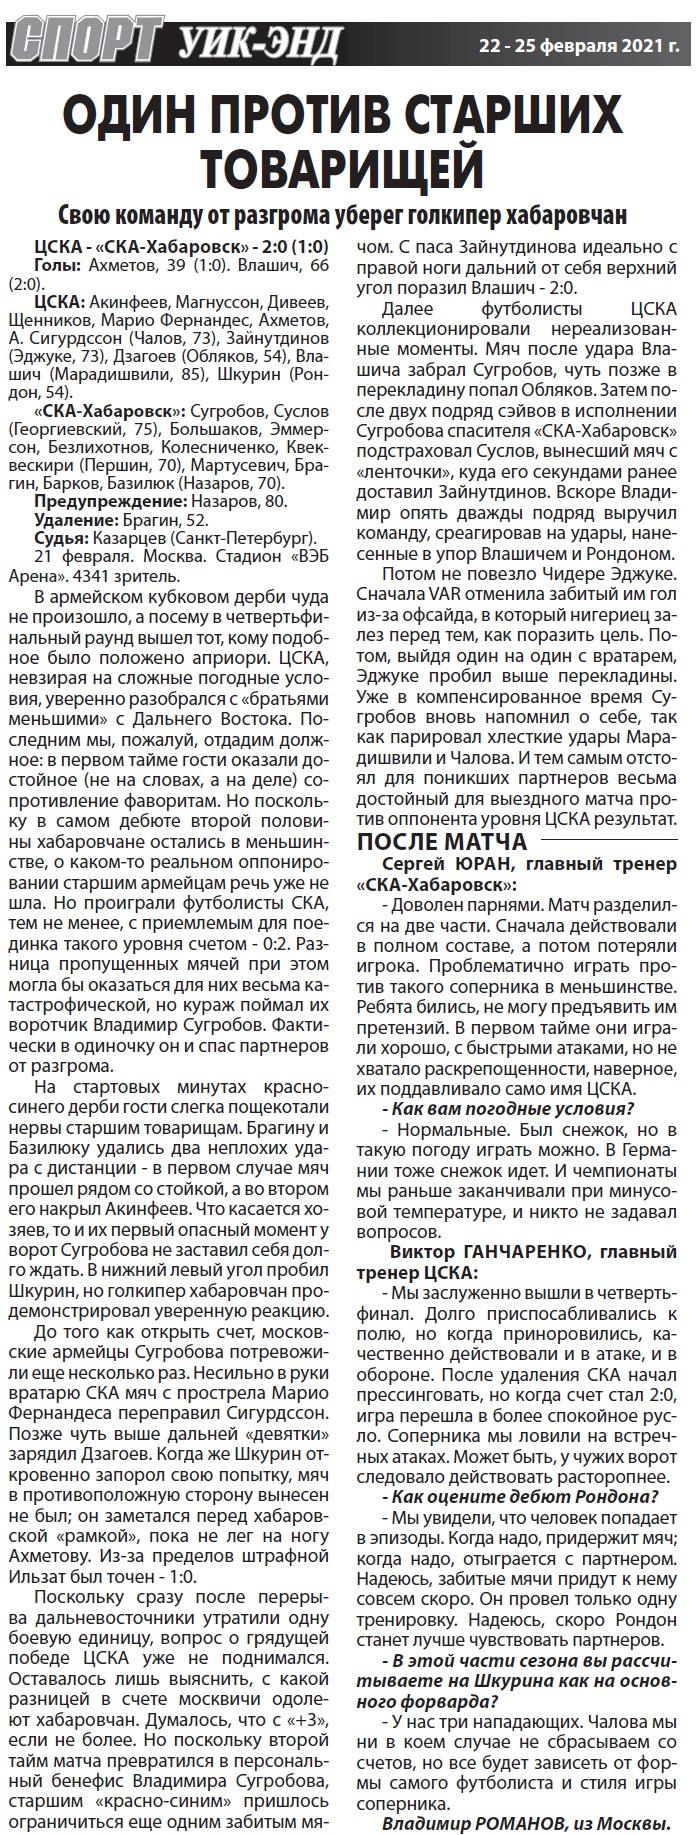 ЦСКА (Москва) - СКА-Хабаровск (Хабаровск) 2:0